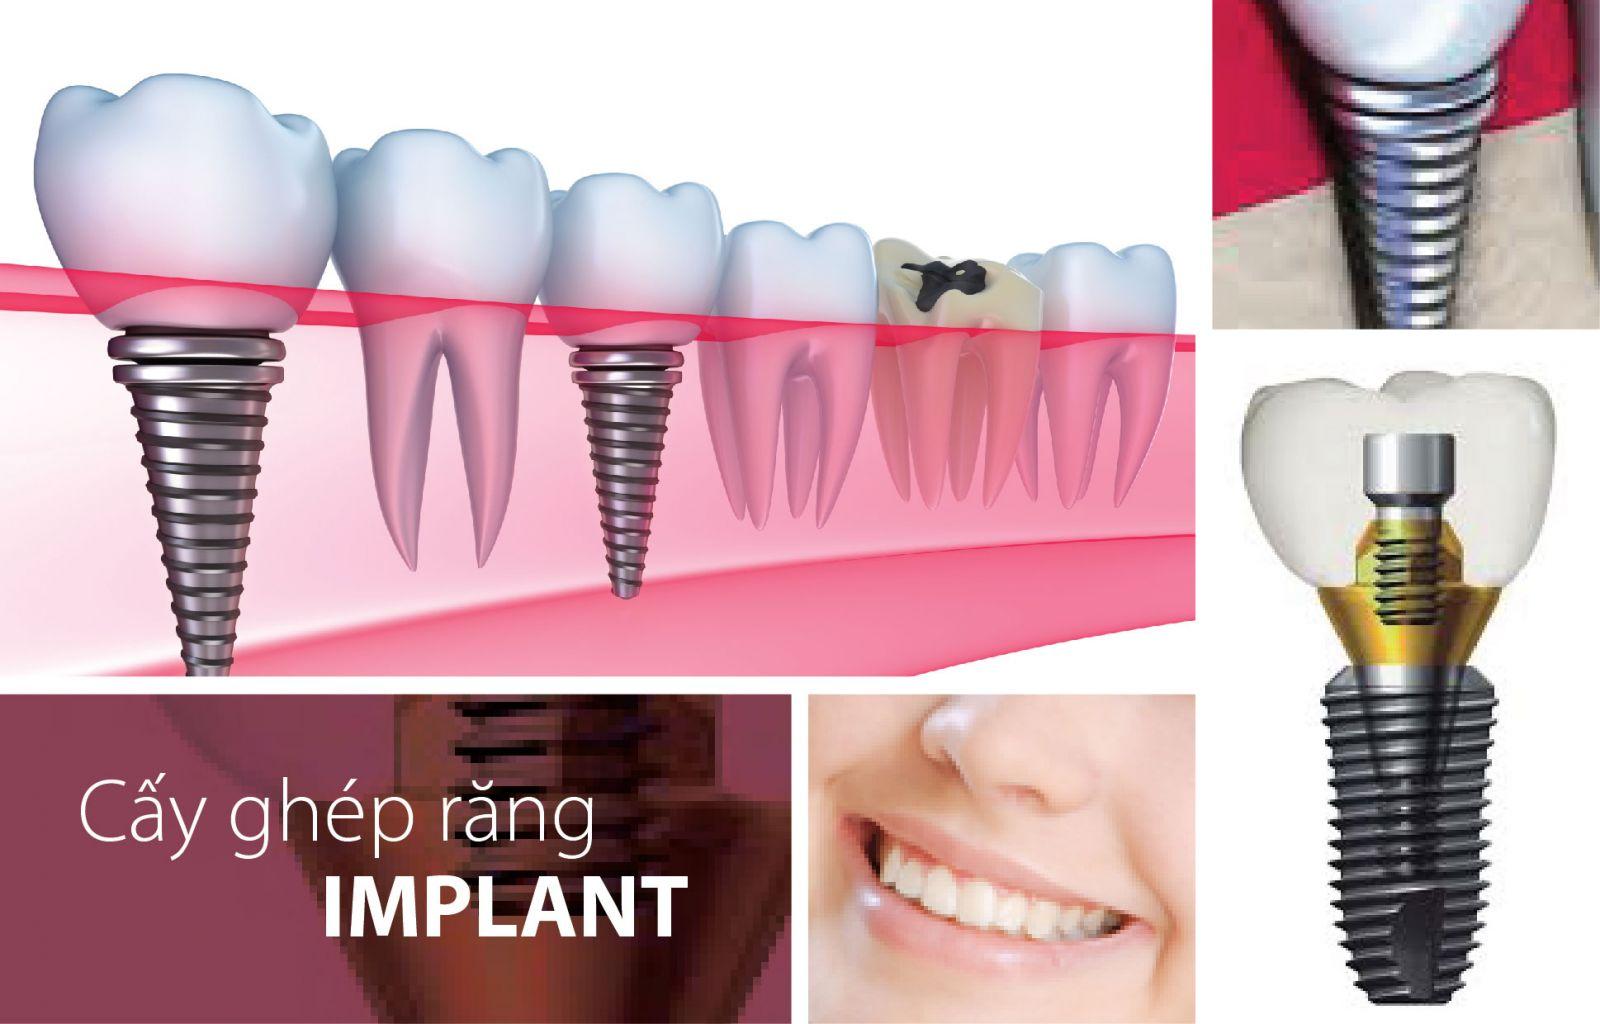 Implant răng hàm 2